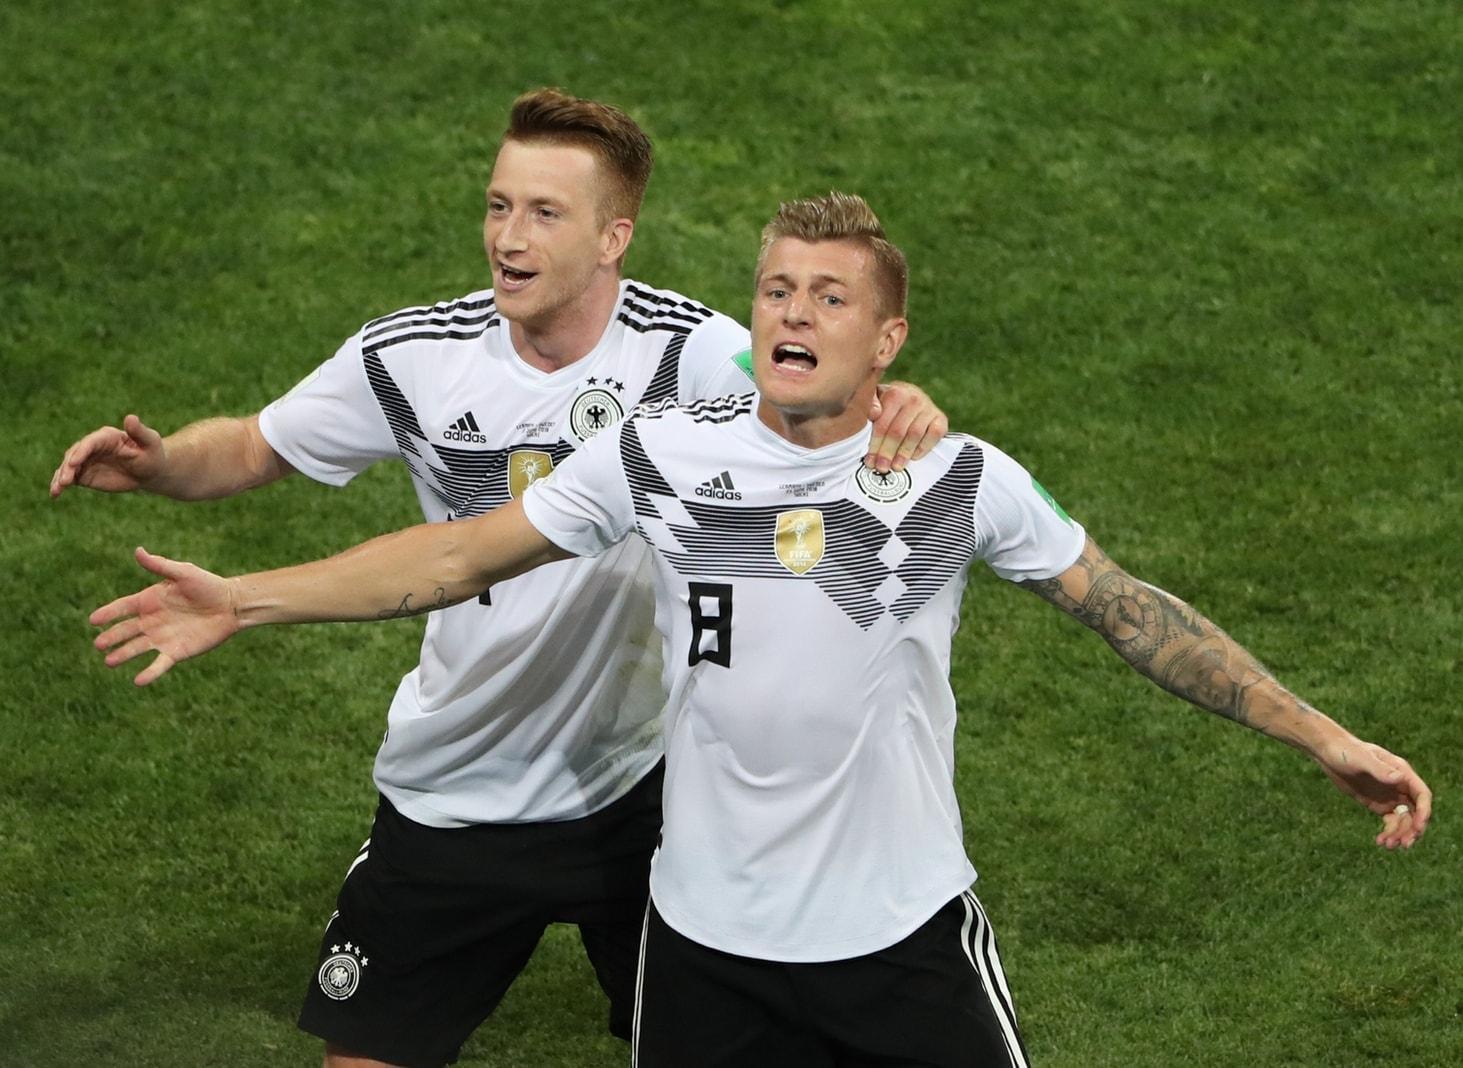 <p>Nach dem 2:1 der deutschen Nationalmannschaft gegen Schweden bei der WM in Russland äußert sich die internationale Presse zum Spiel.</p> Foto: Shutterstock